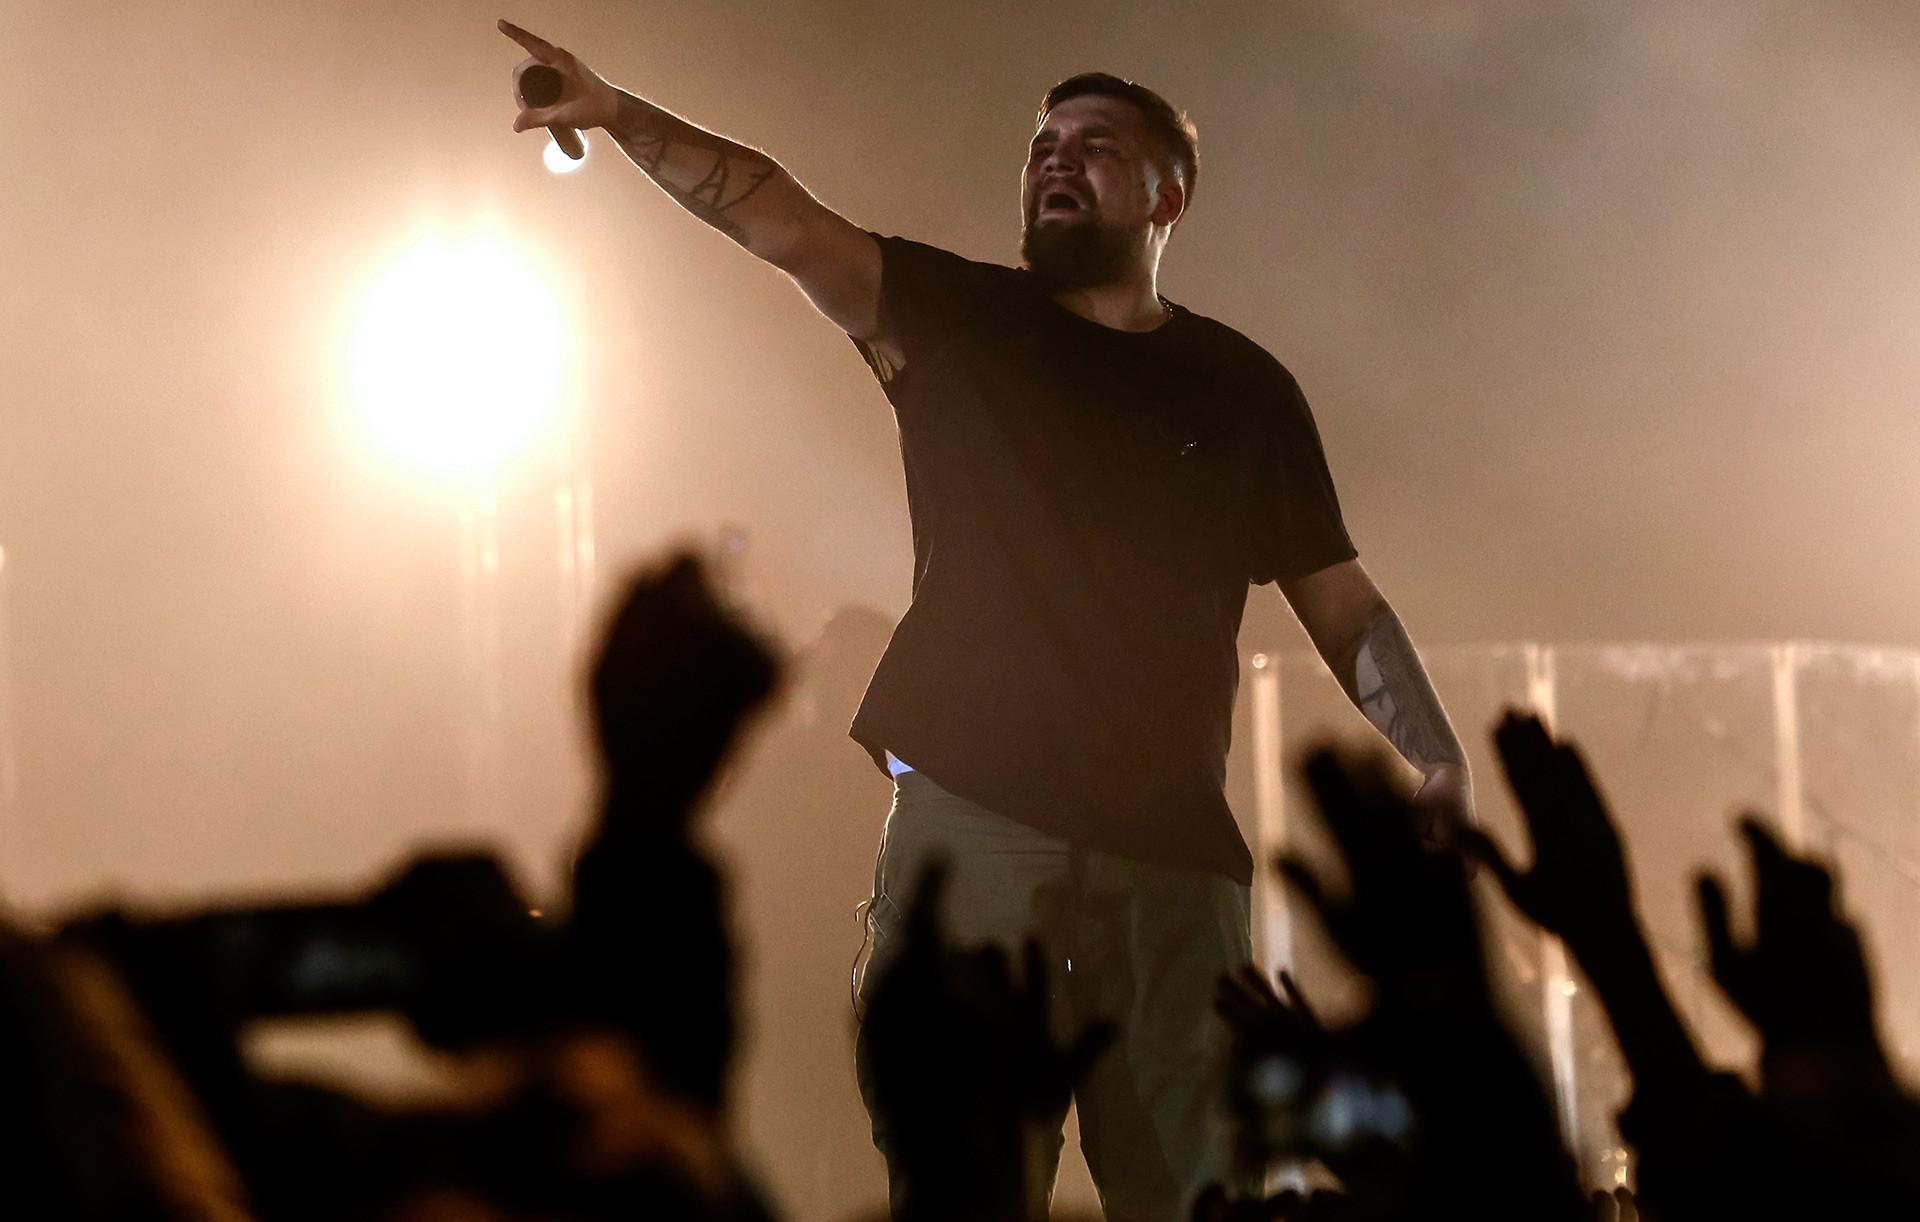 Basta (Vassíli Vakulenko) está entre os artistas de hip hop russos de maior sucesso